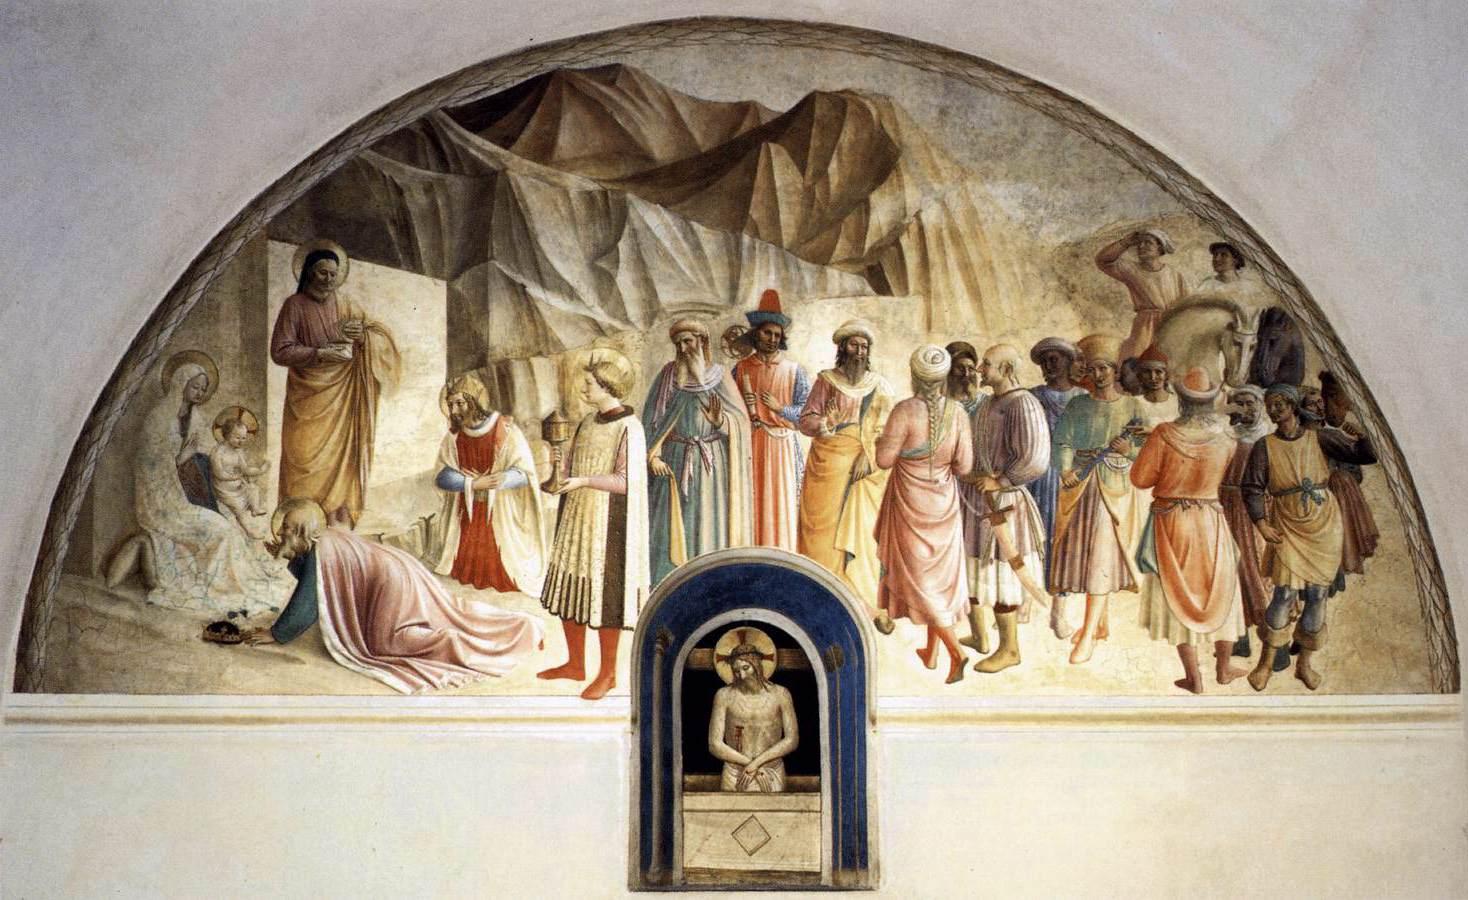 フラ・バルトロメオの作品だけでなく,ピストイアでその存在を認識したフラ・パオリーノ,マリオット・